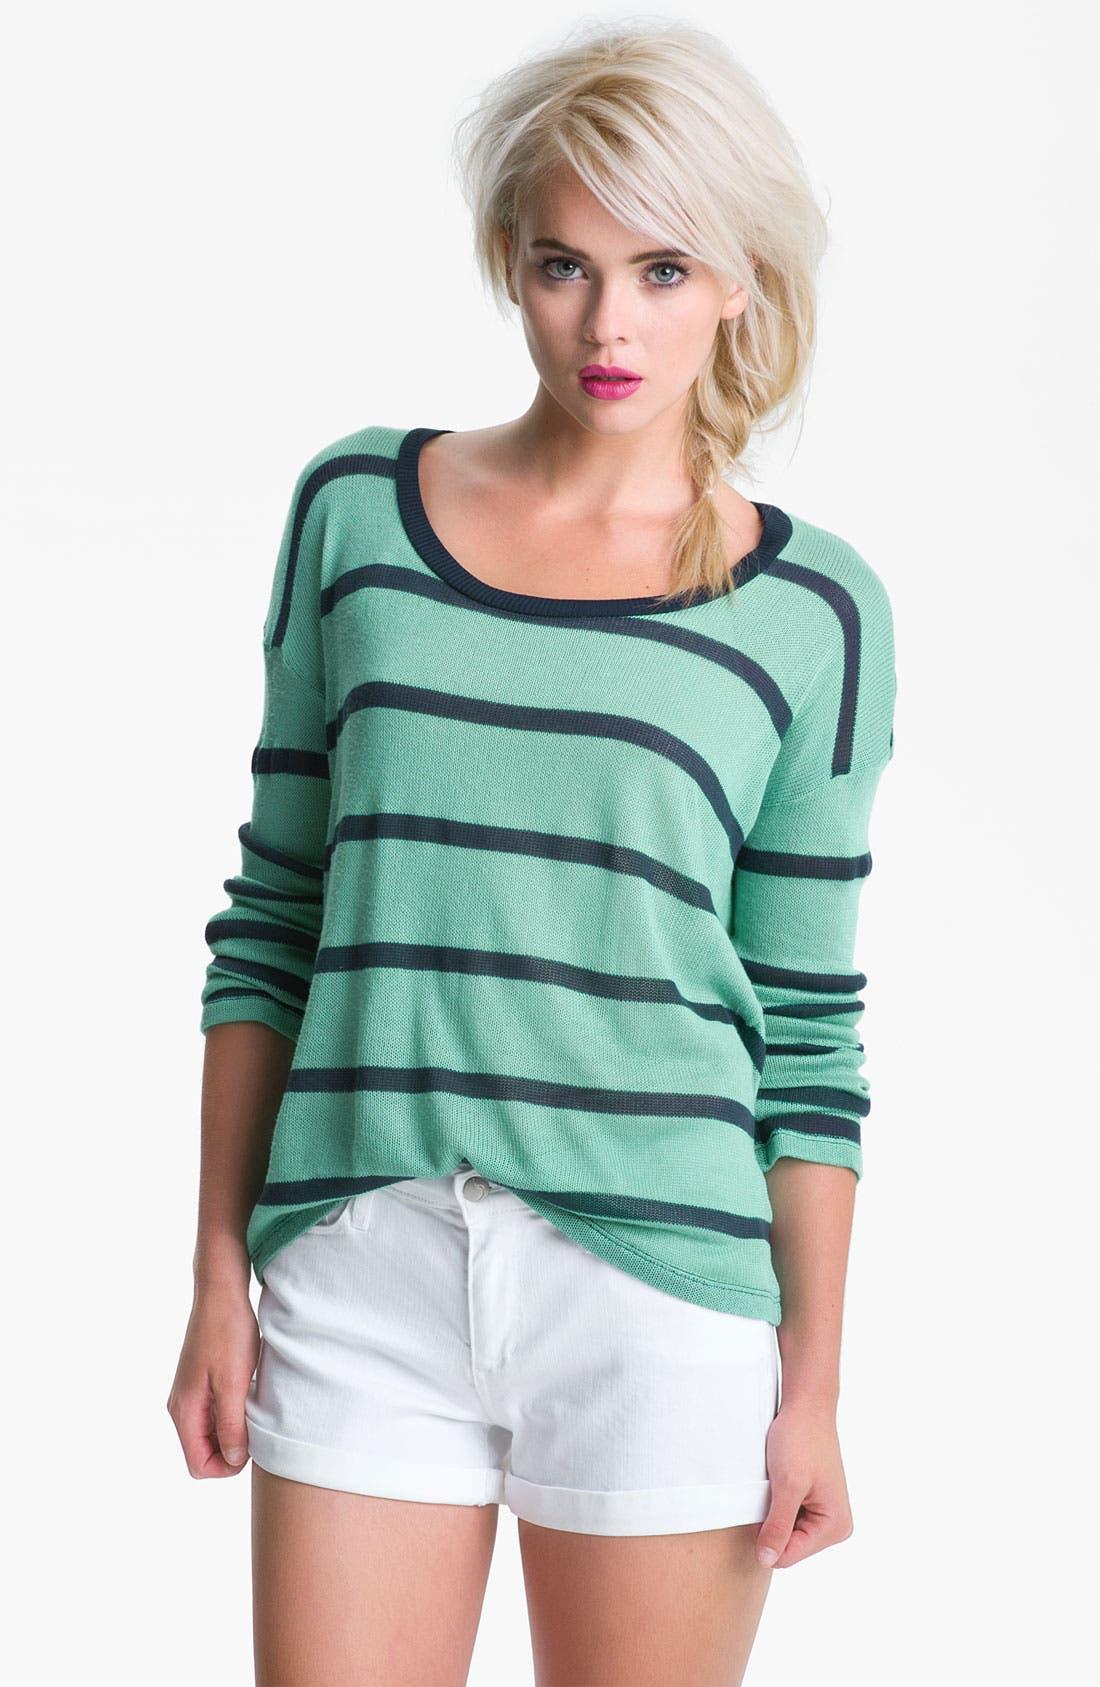 Alternate Image 1 Selected - Splendid 'Harbor Stripe' Sweater